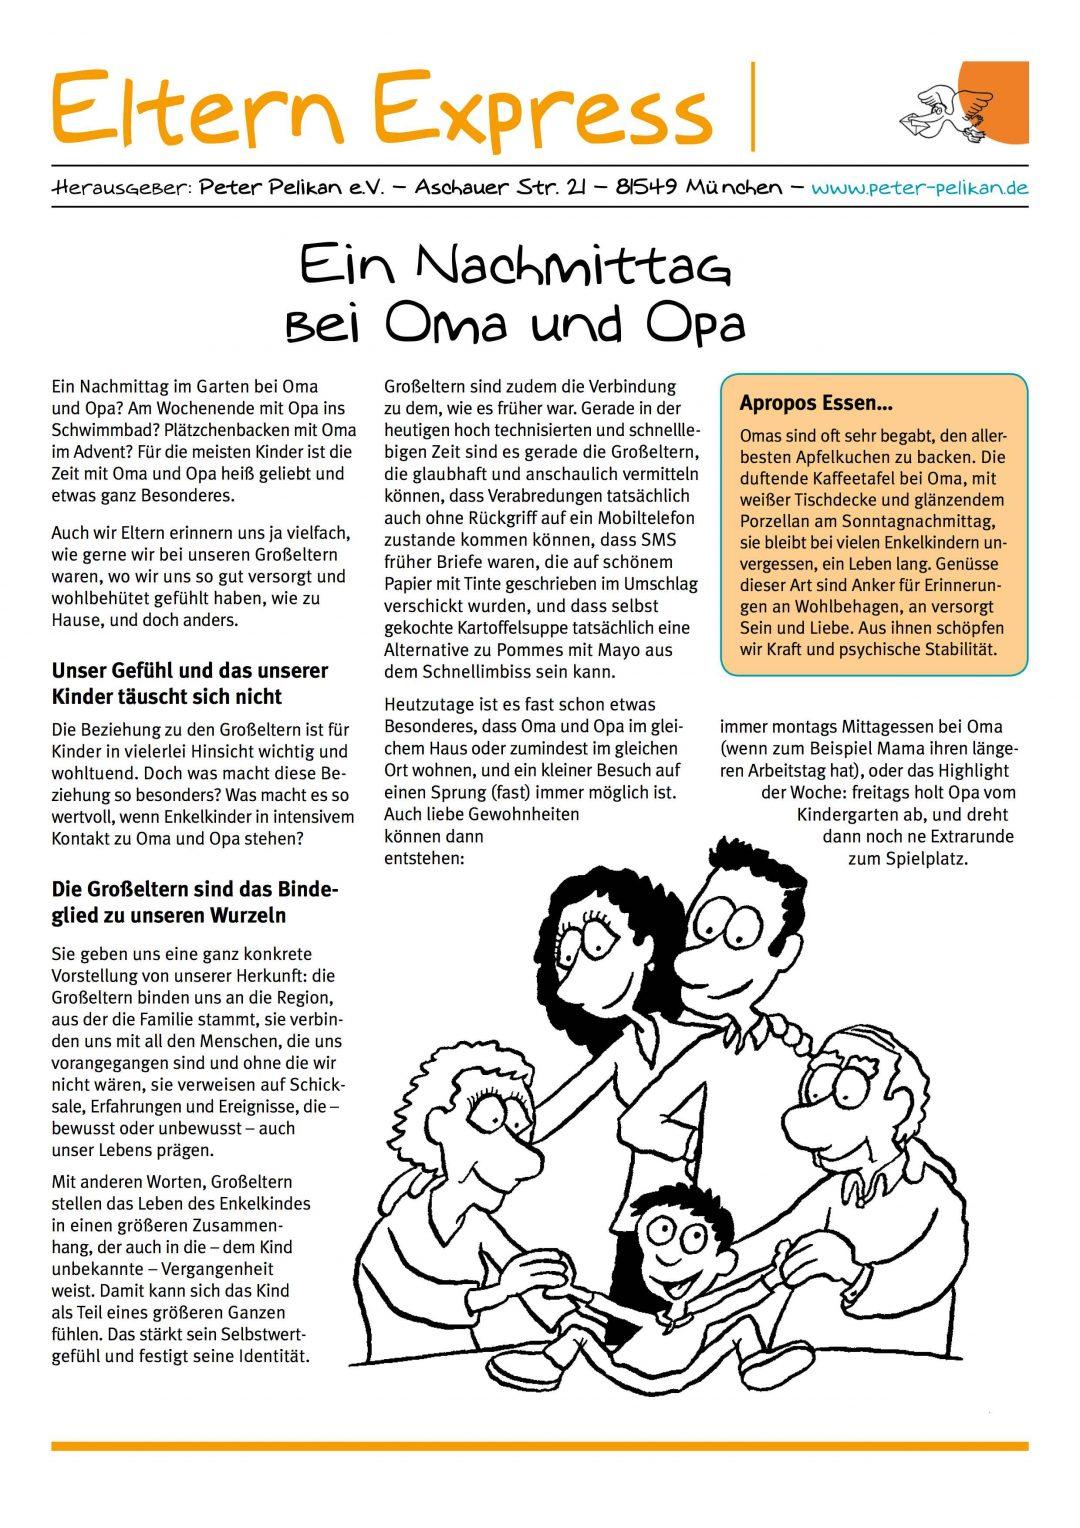 """Express-Brief No. 7 """"Ein Nachmittag bei Oma und Opa"""""""